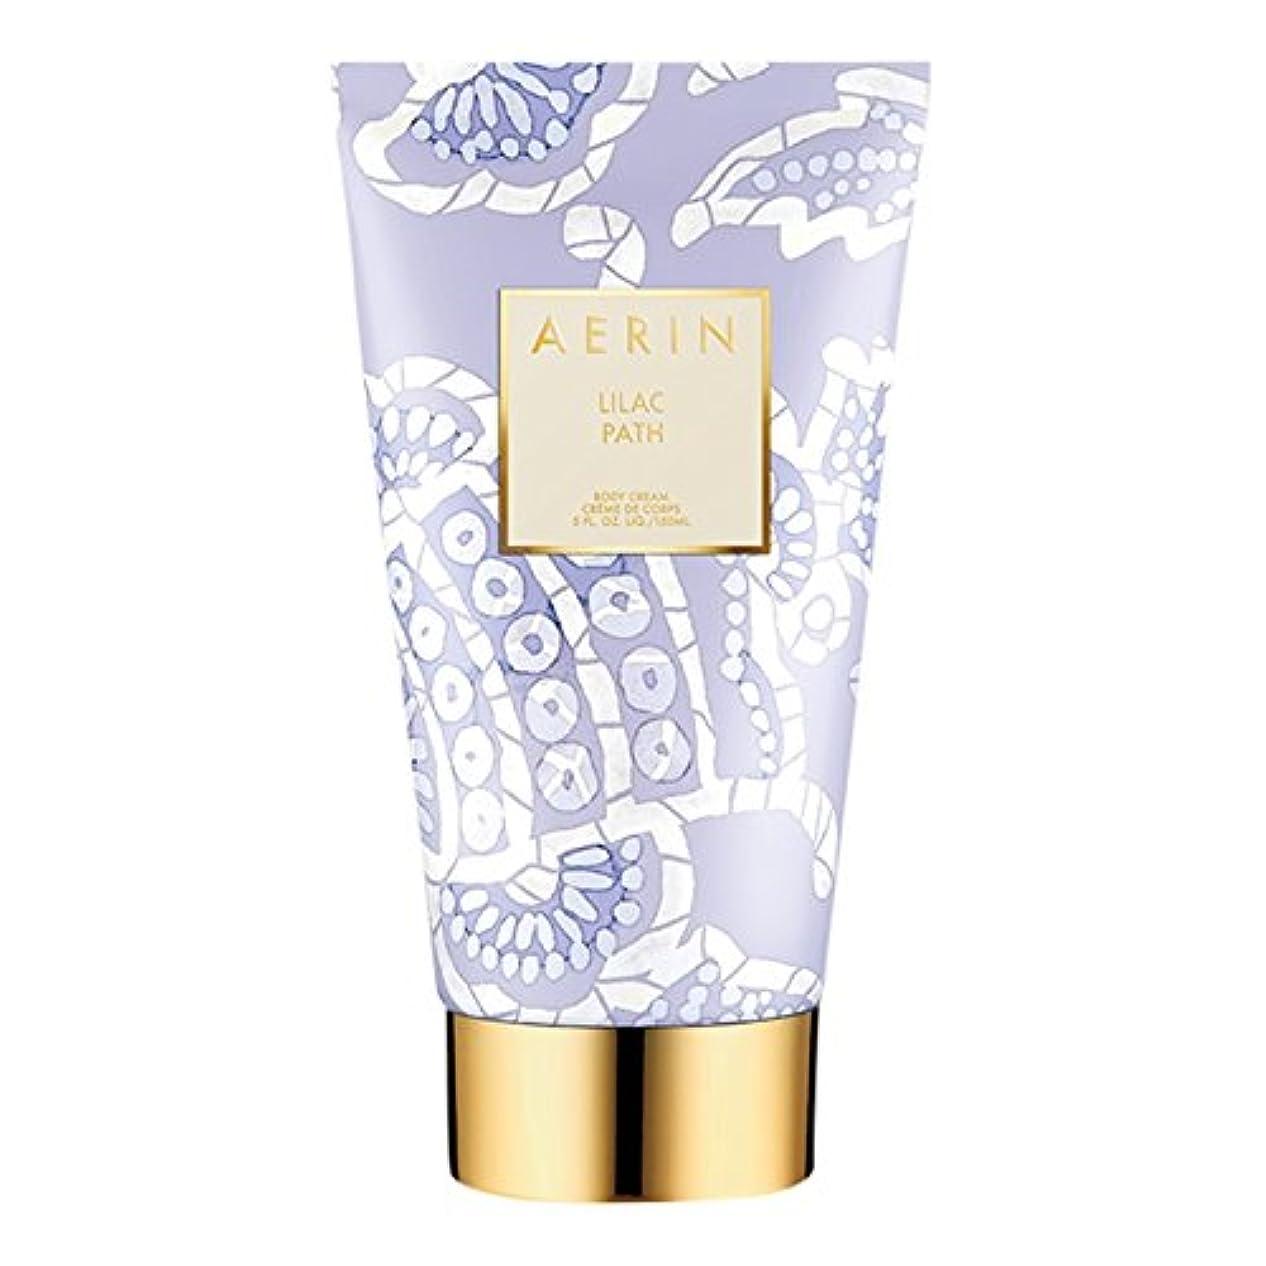 名目上の日帰り旅行に無駄にAerinライラックパスボディクリーム150ミリリットル (AERIN) (x6) - AERIN Lilac Path Body Cream 150ml (Pack of 6) [並行輸入品]